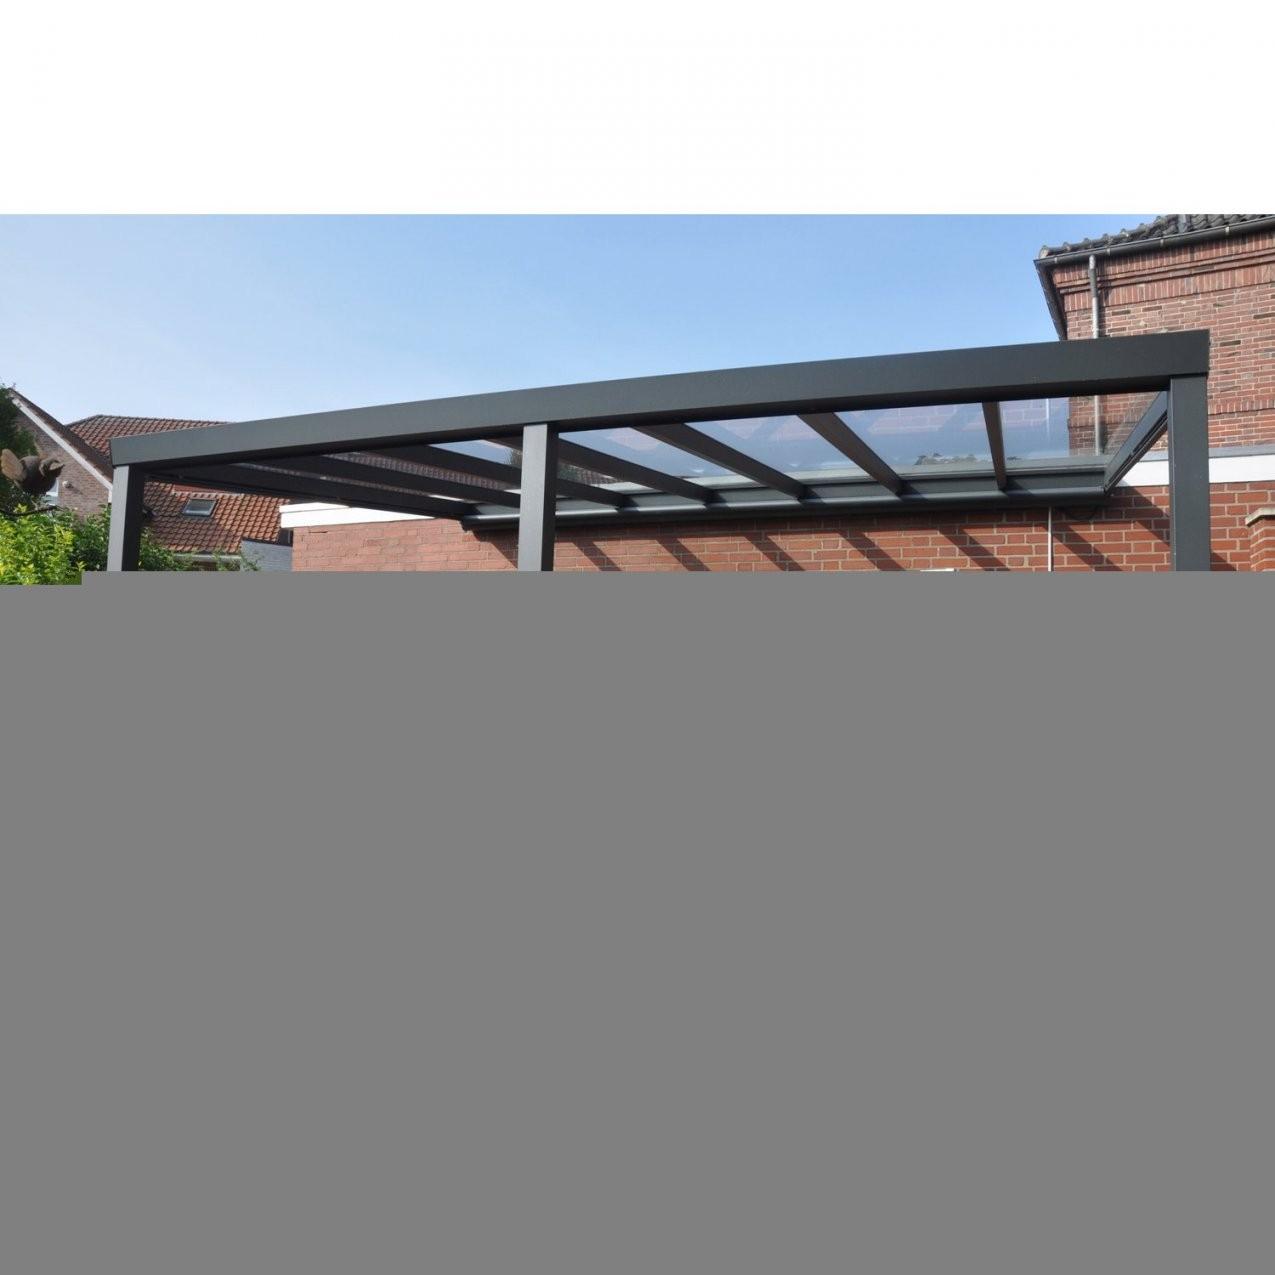 Terrassenüberdachung Online Kaufen Bei Obi von Terrassenüberdachung Günstig Selber Bauen Bild